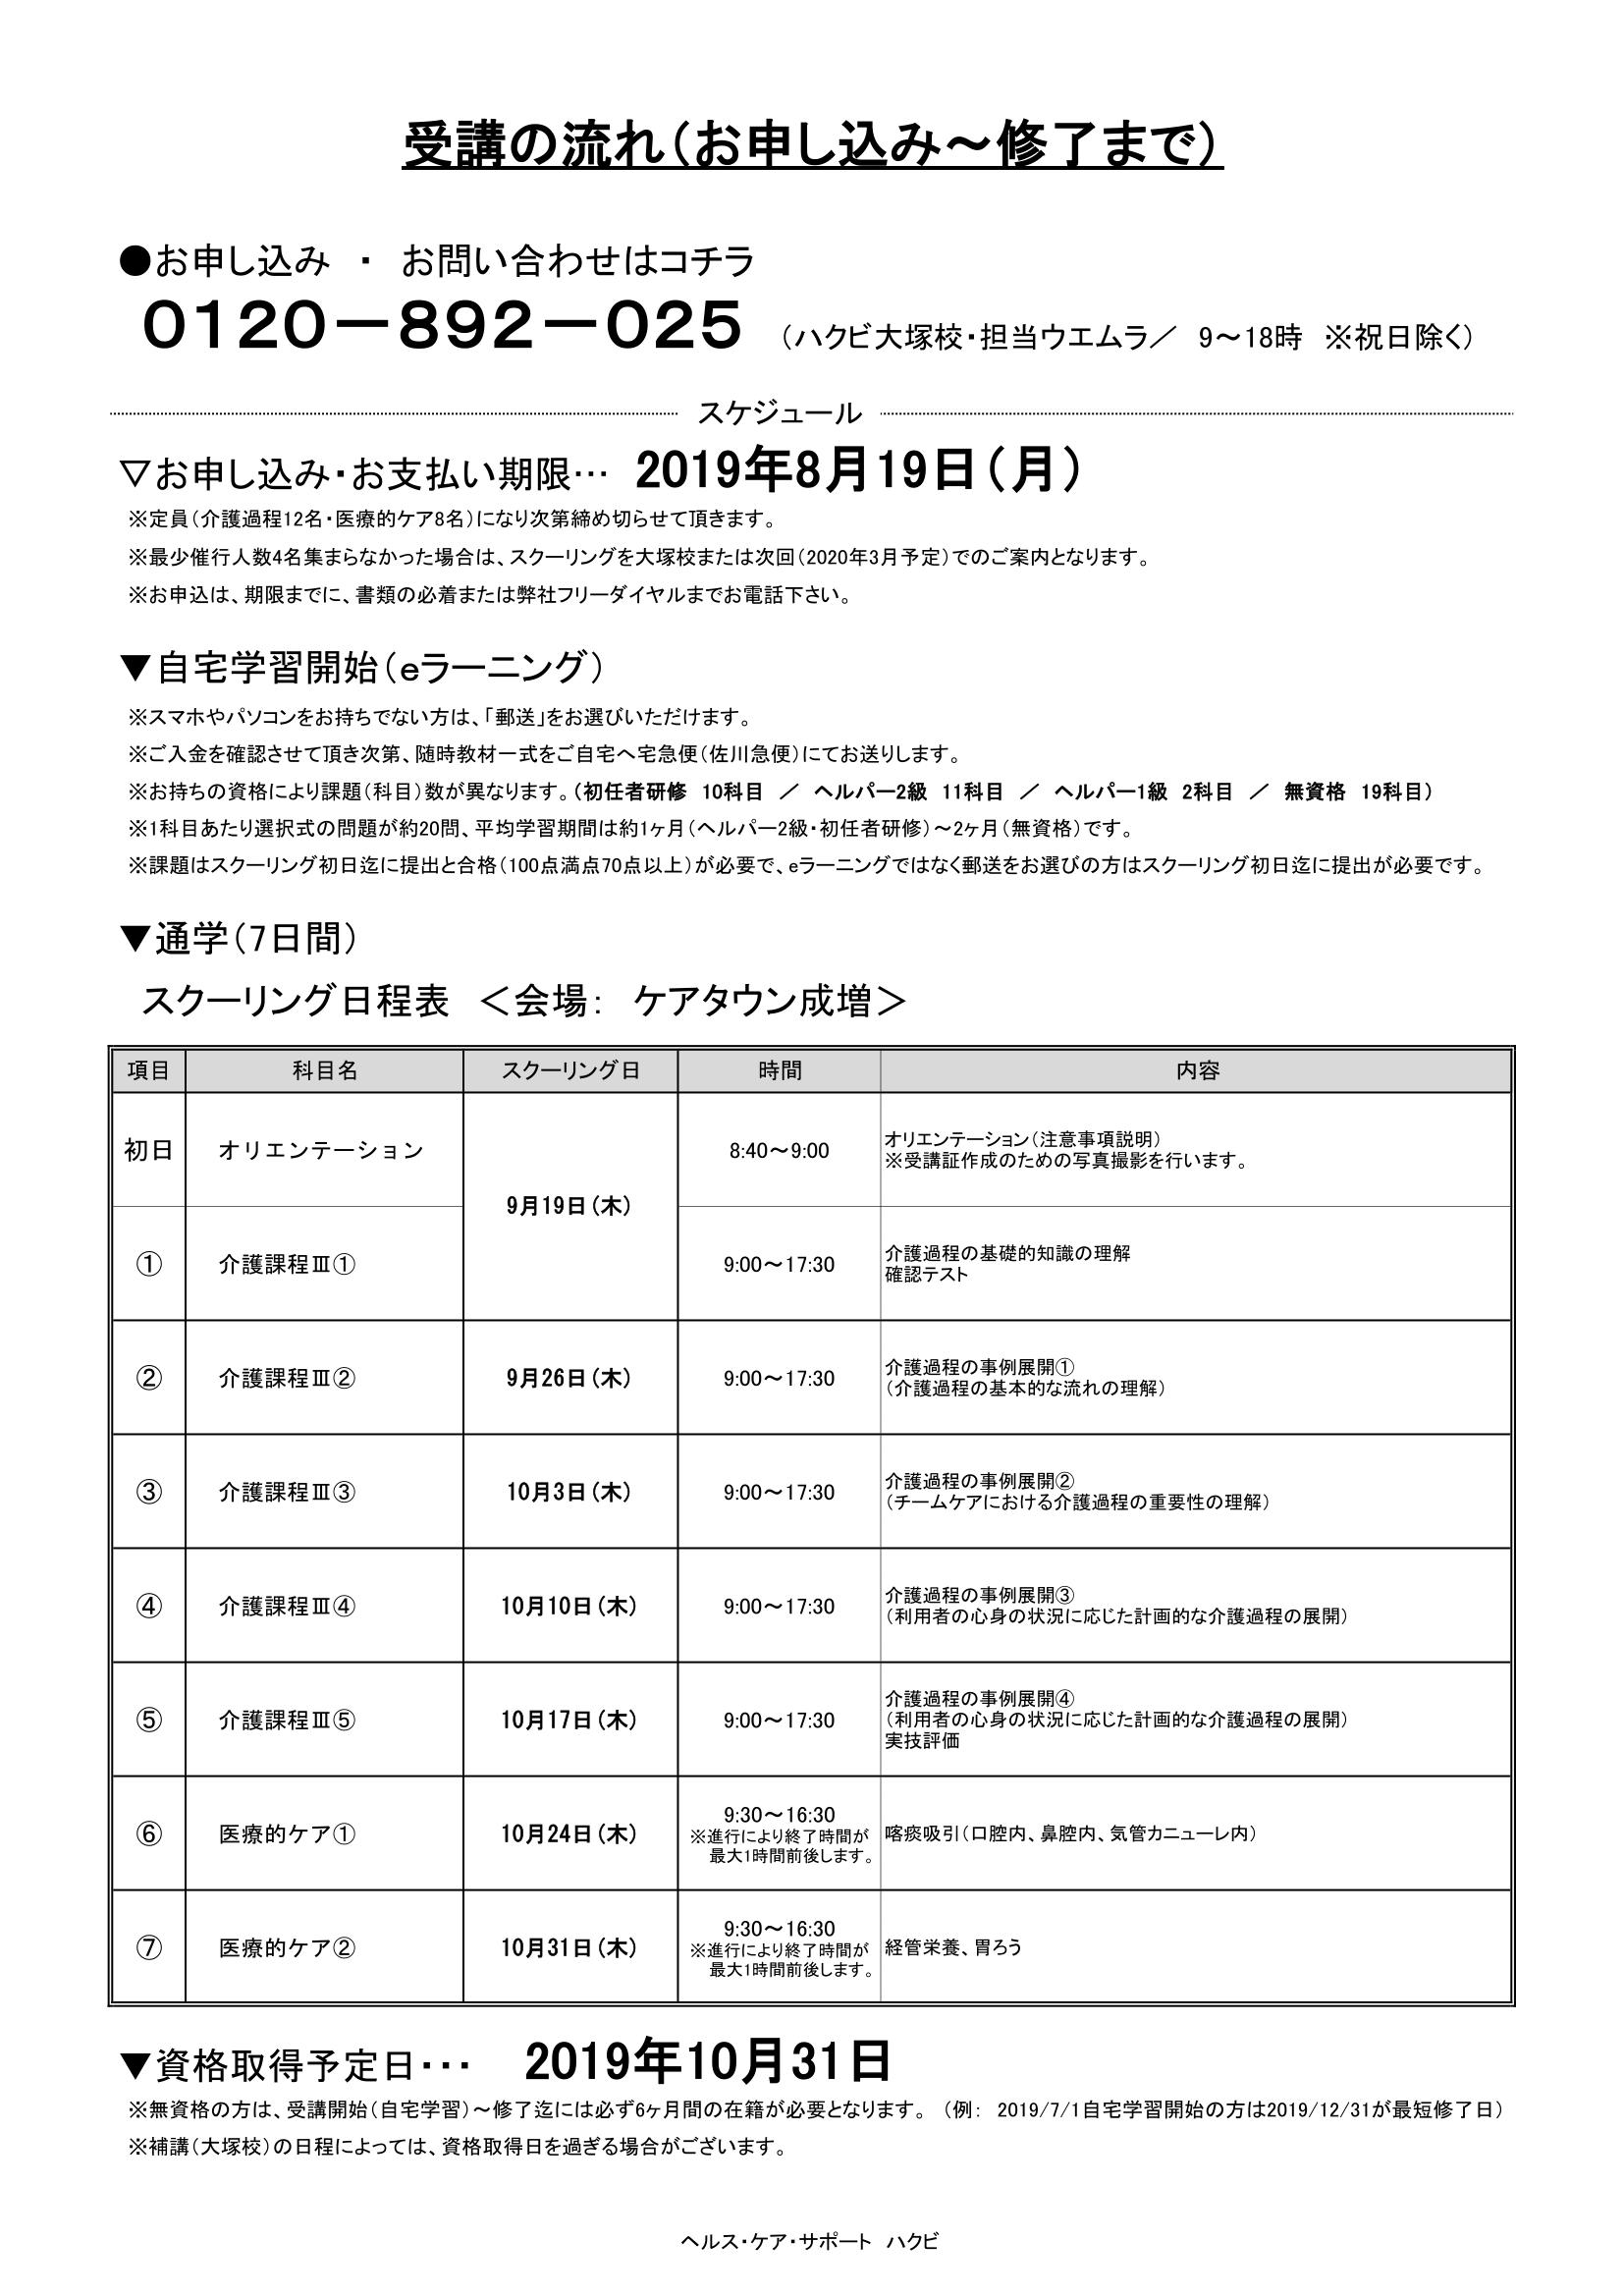 実務者研修チラシ両面(ハクビ)190409-2